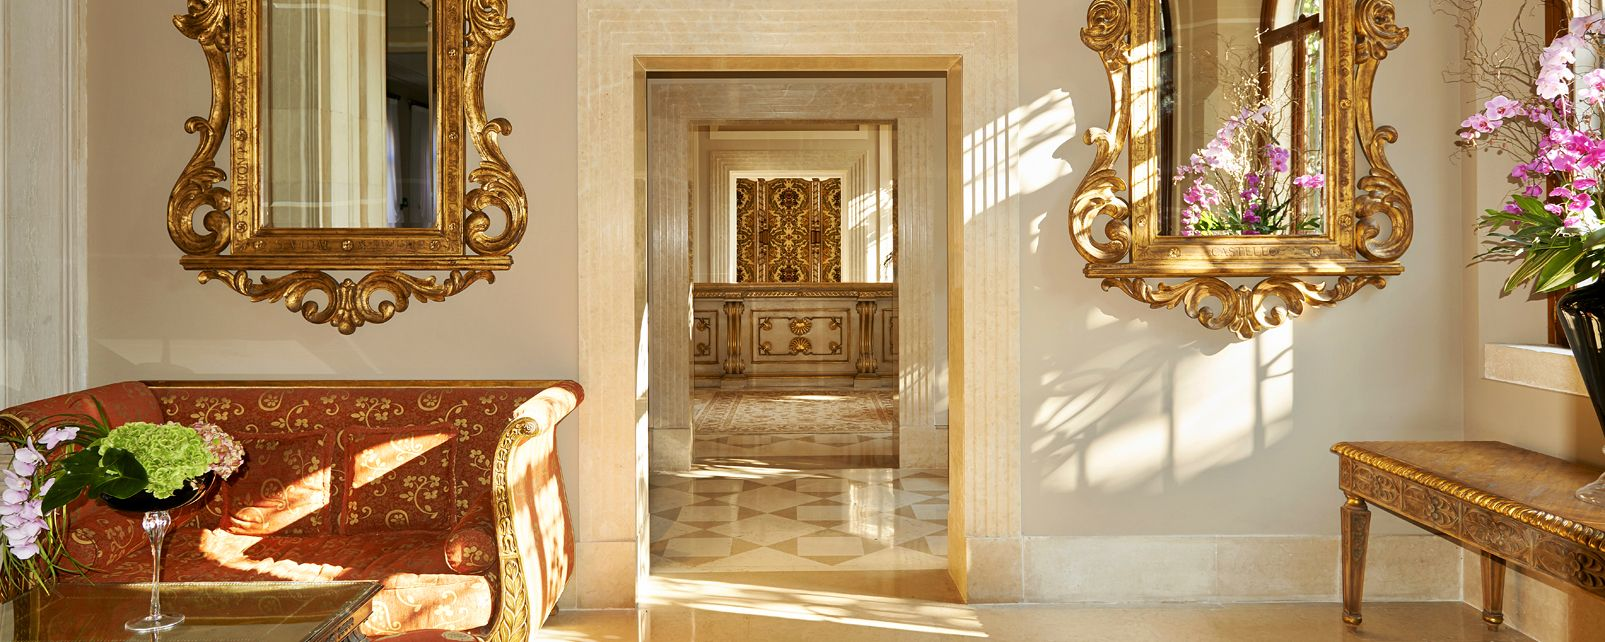 Hôtel St Regis San Clemente Palace